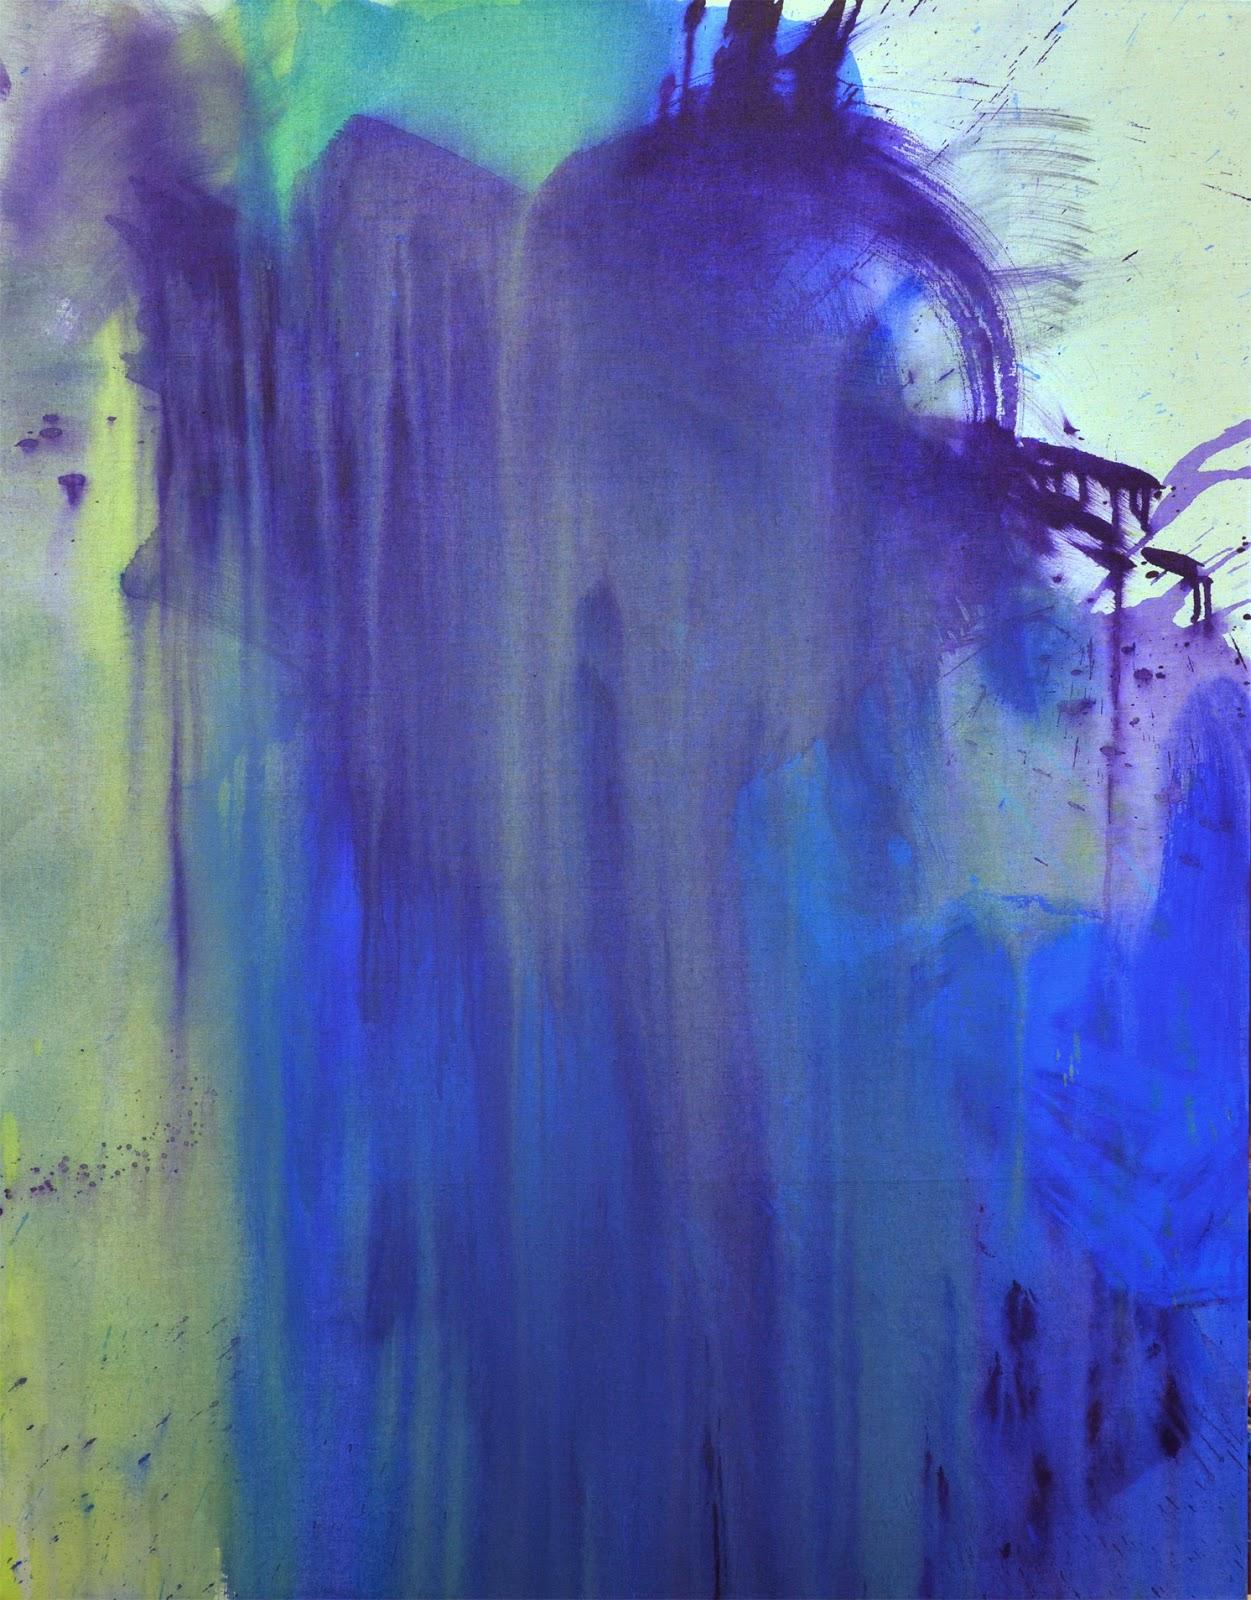 jean baptiste besançon artiste peintre bordeaux abstrait